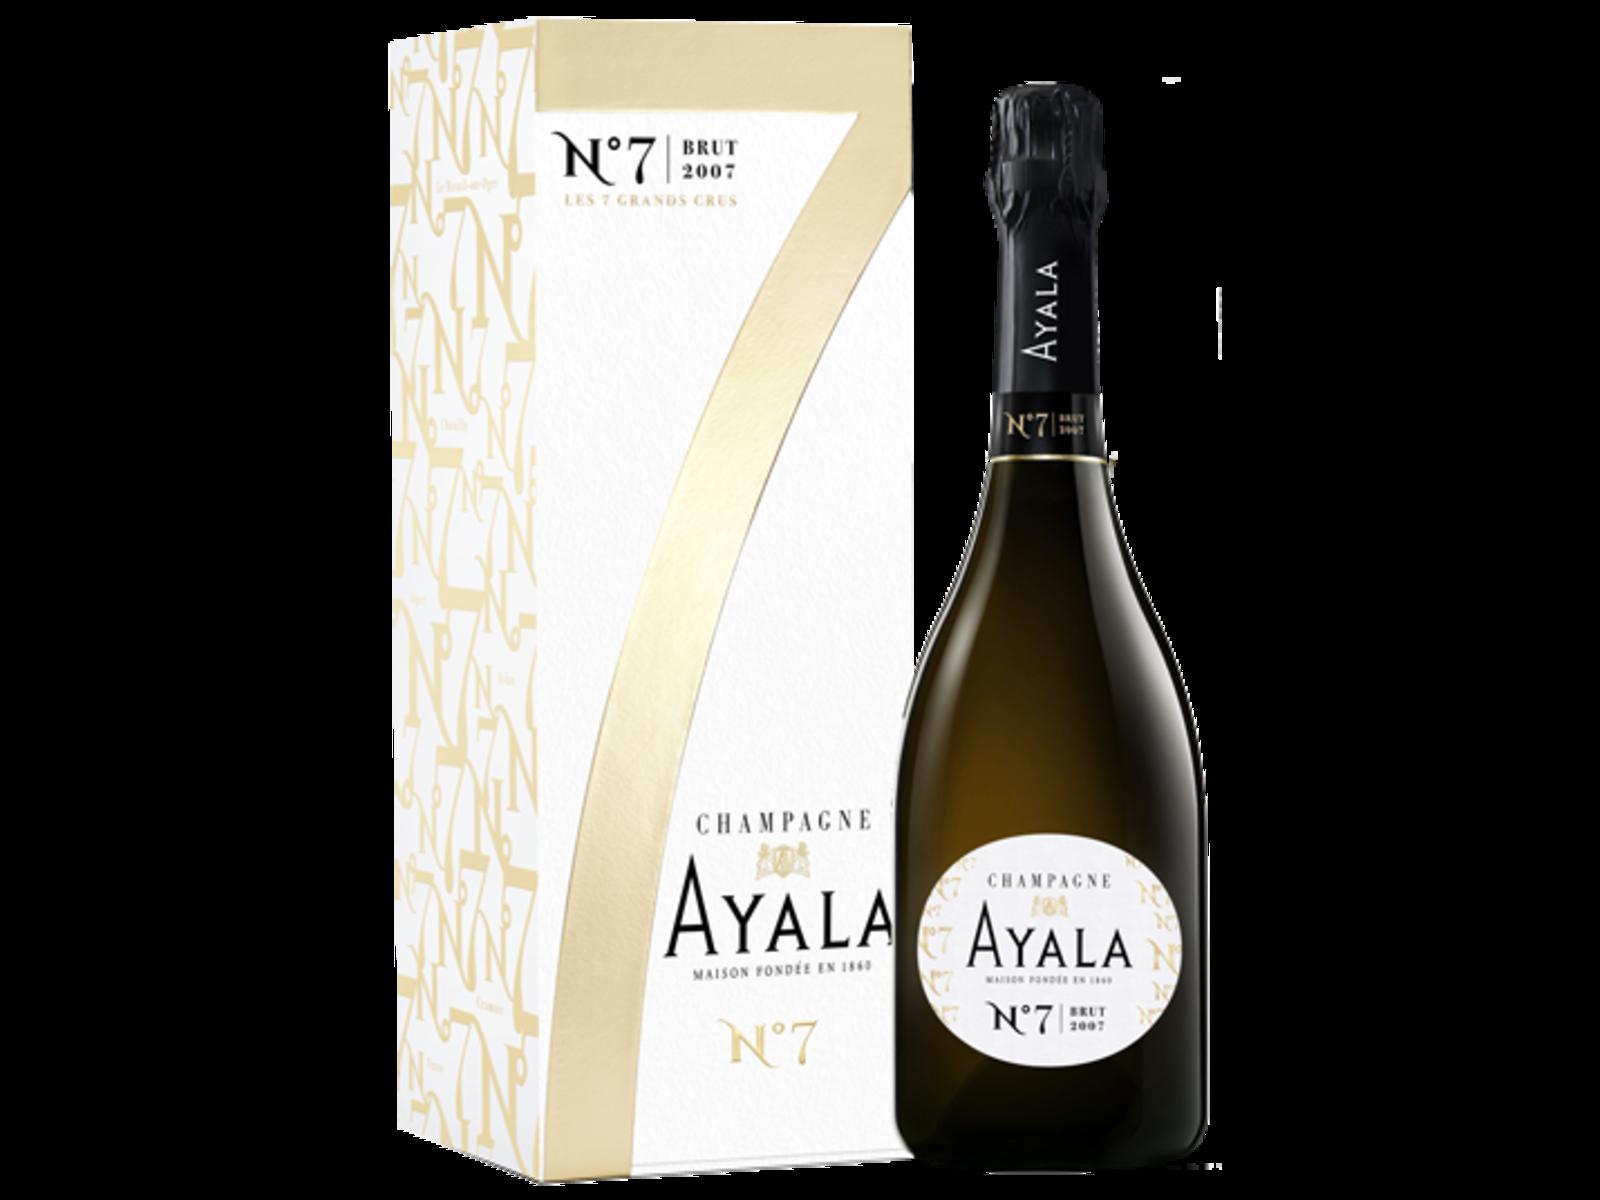 Ayala Ayala N° 7 Brut 2007 in luxe geschenkdoos